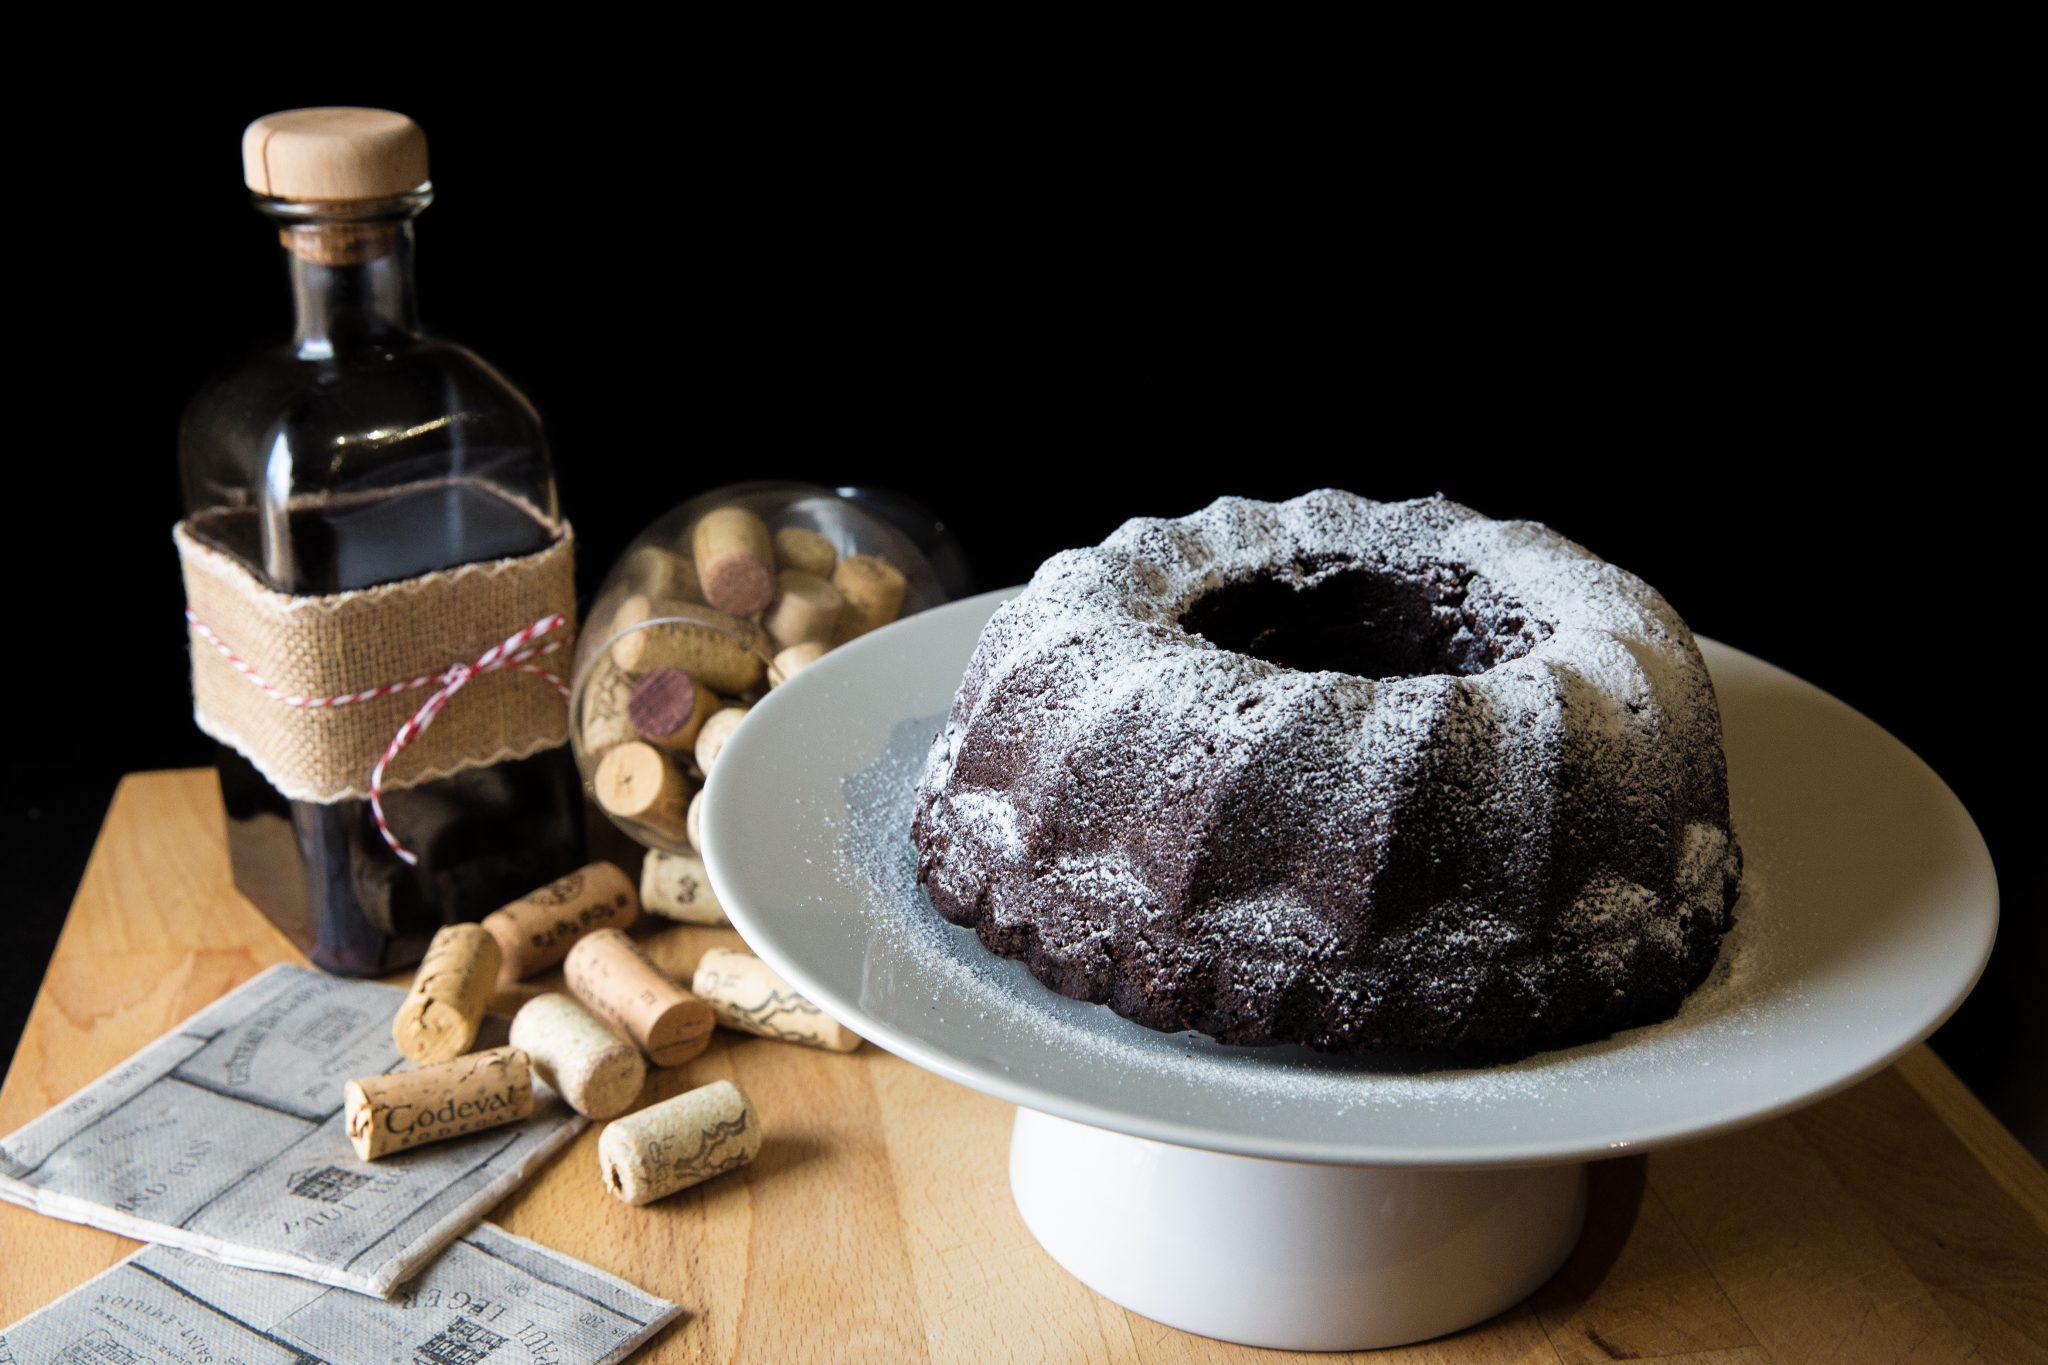 Bundt Cake de Glühwein – Te invito a mi mesa